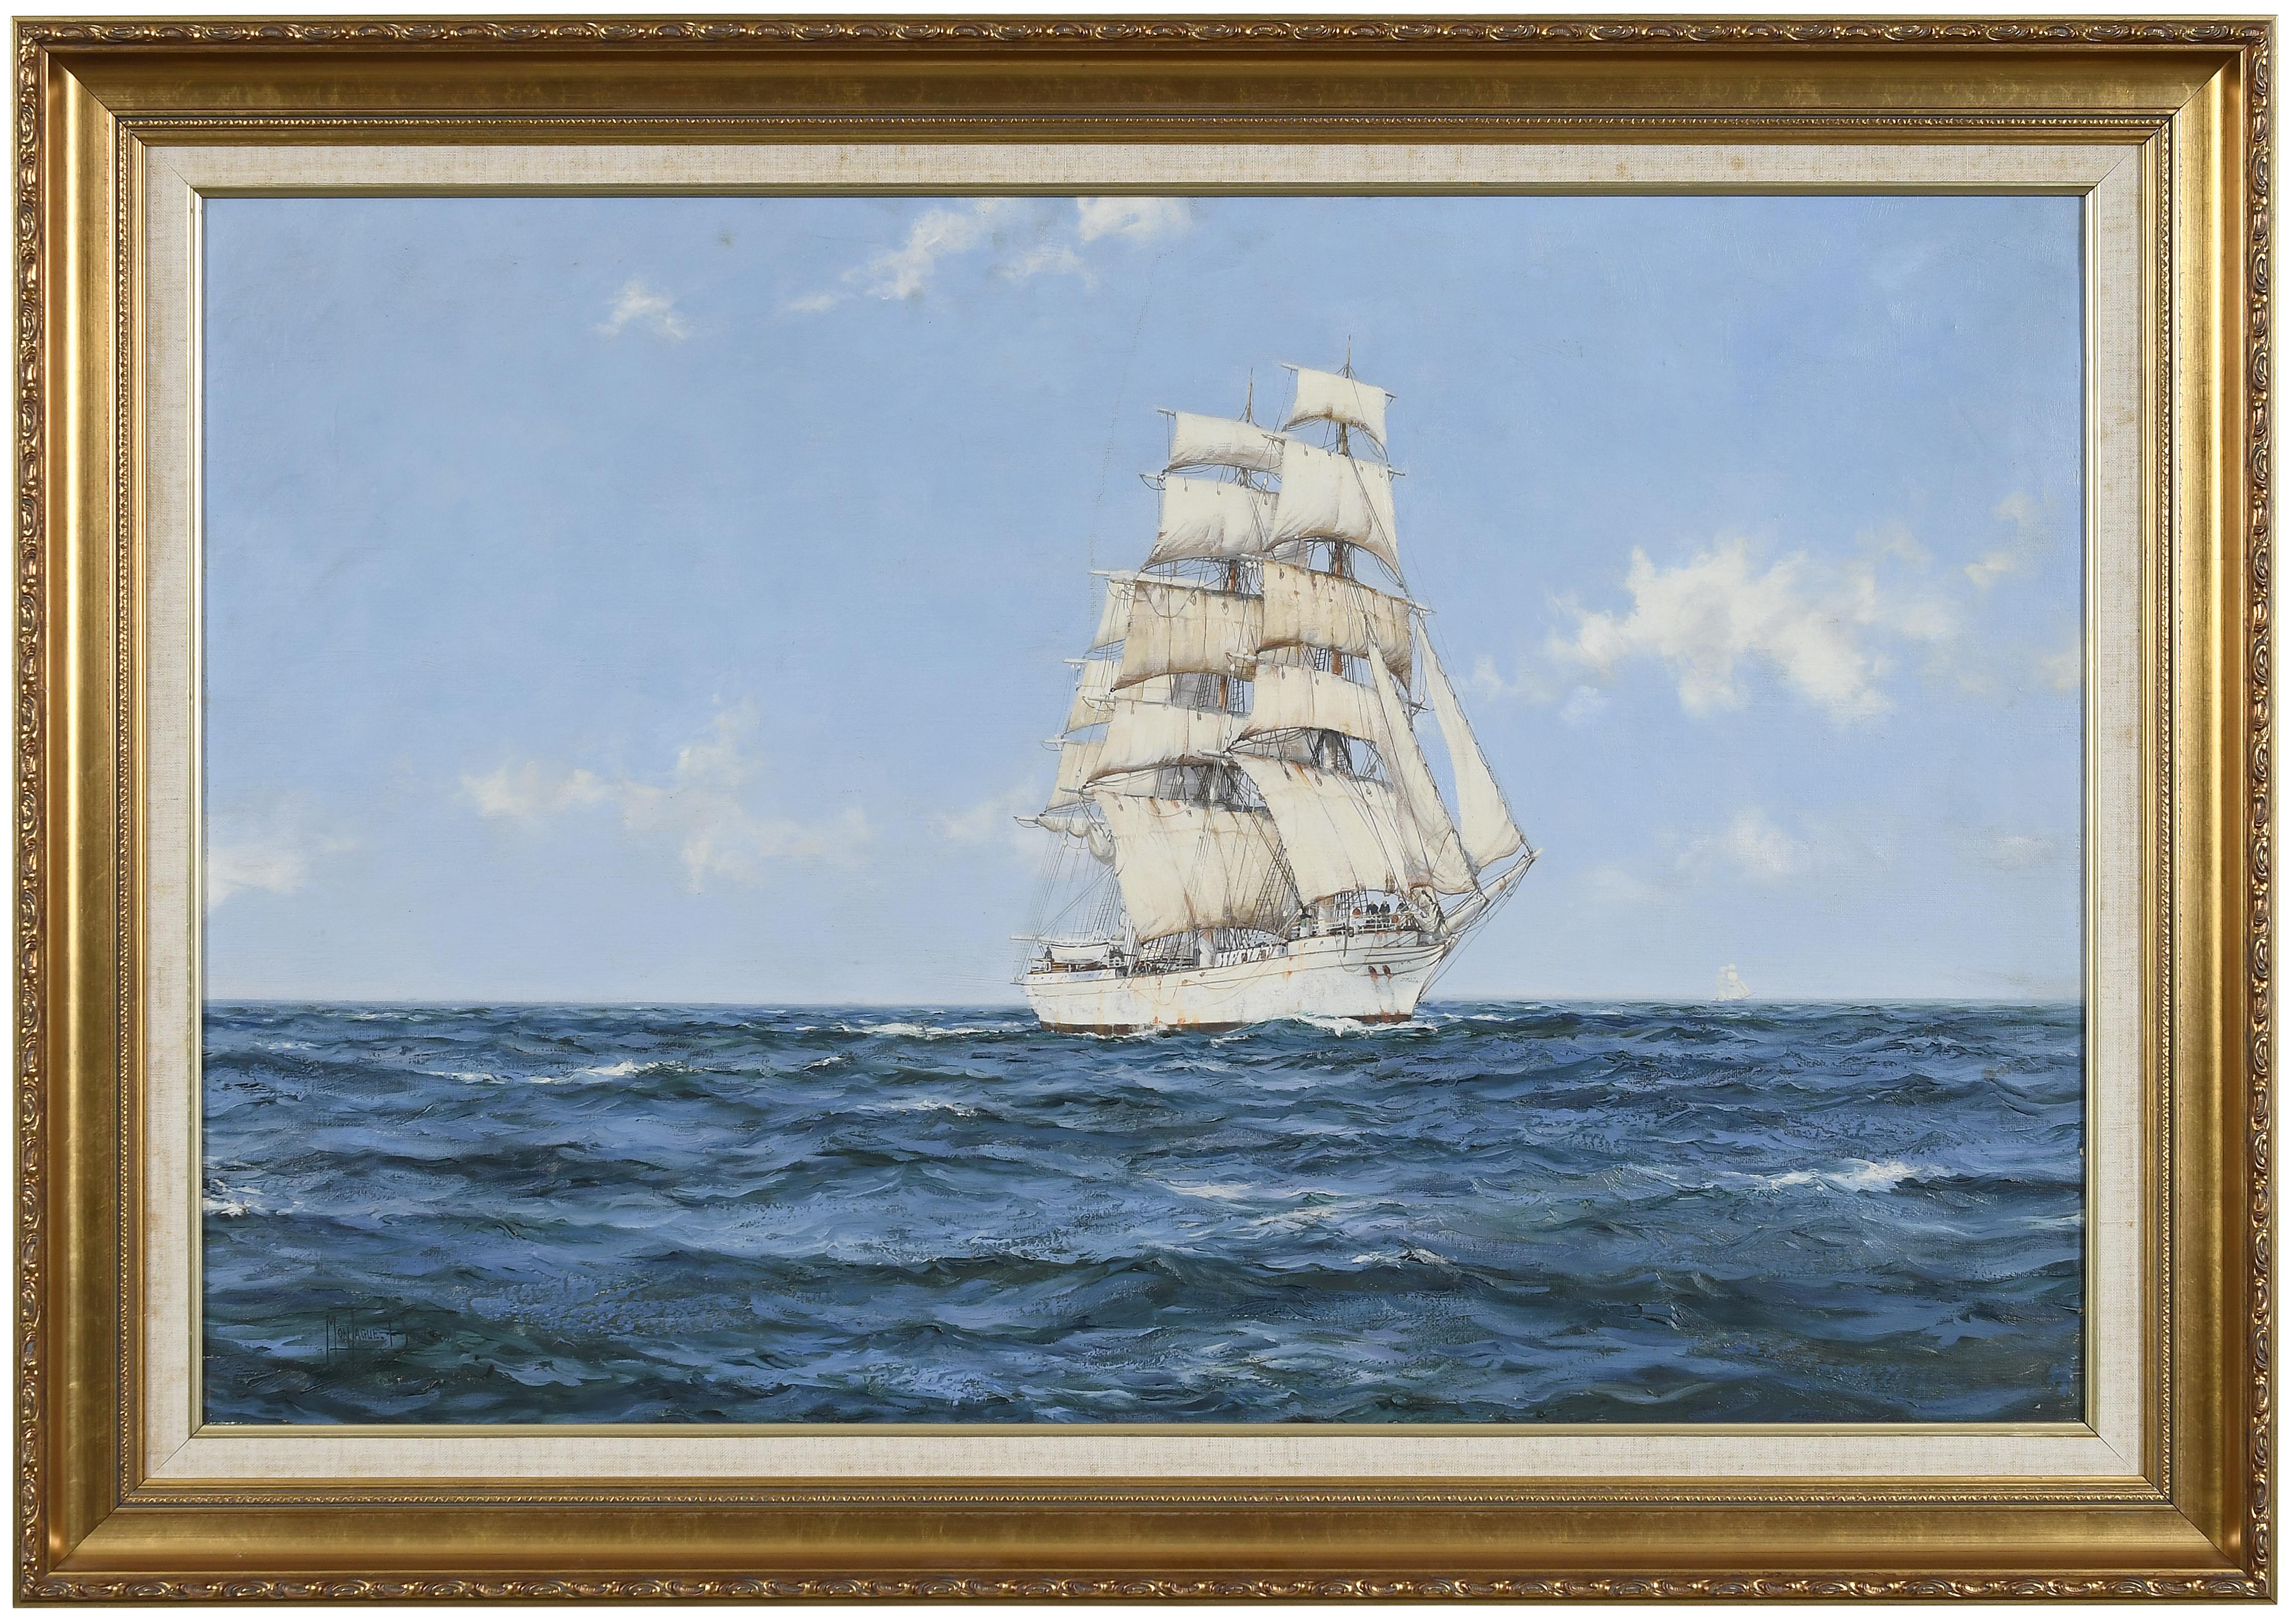 The Tall Ship at Full Sail